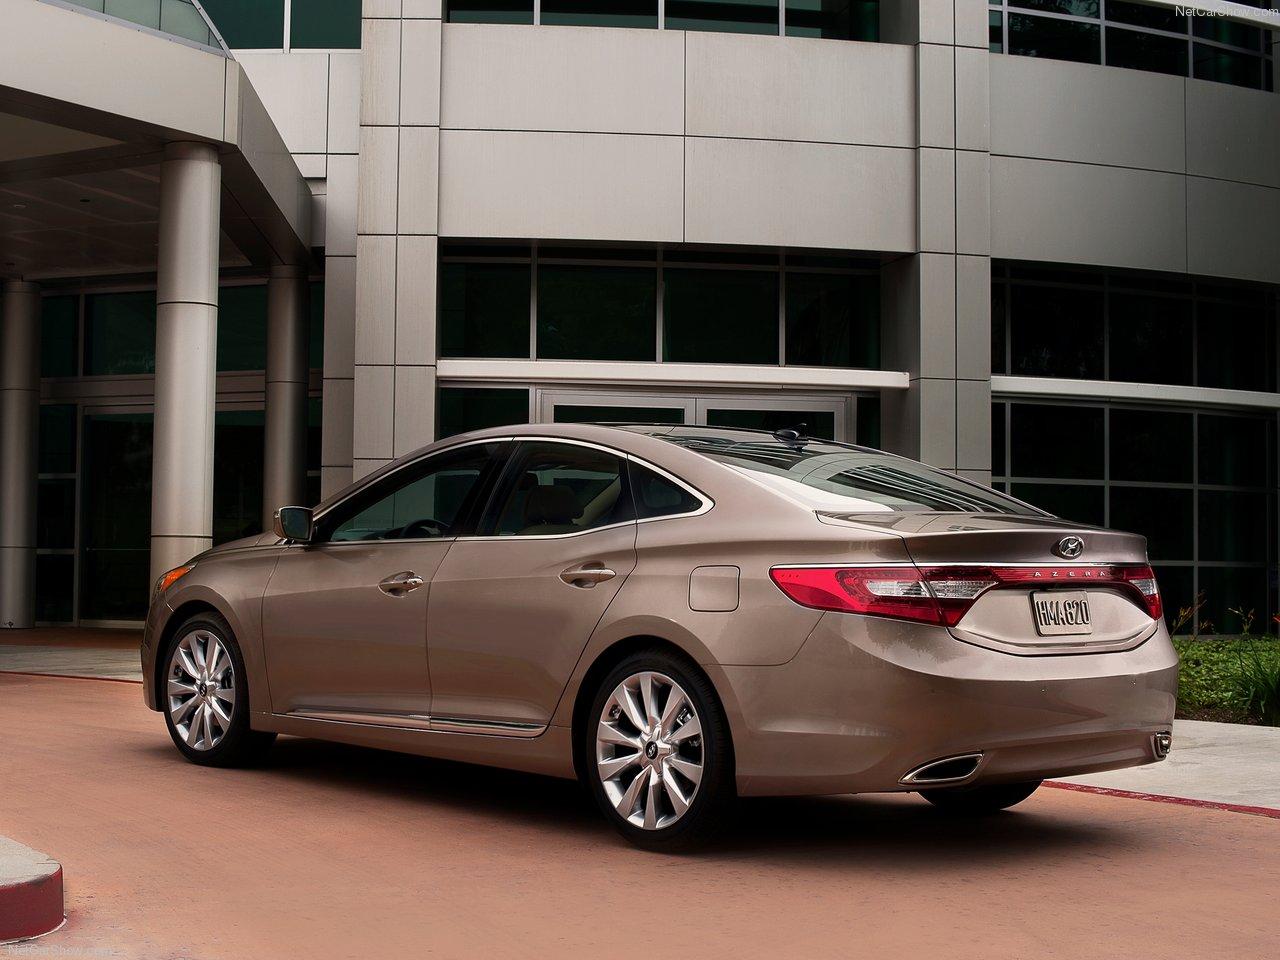 صور و مواصفات و اسعار هيونداي ازيرا Hyundai Azera 2013